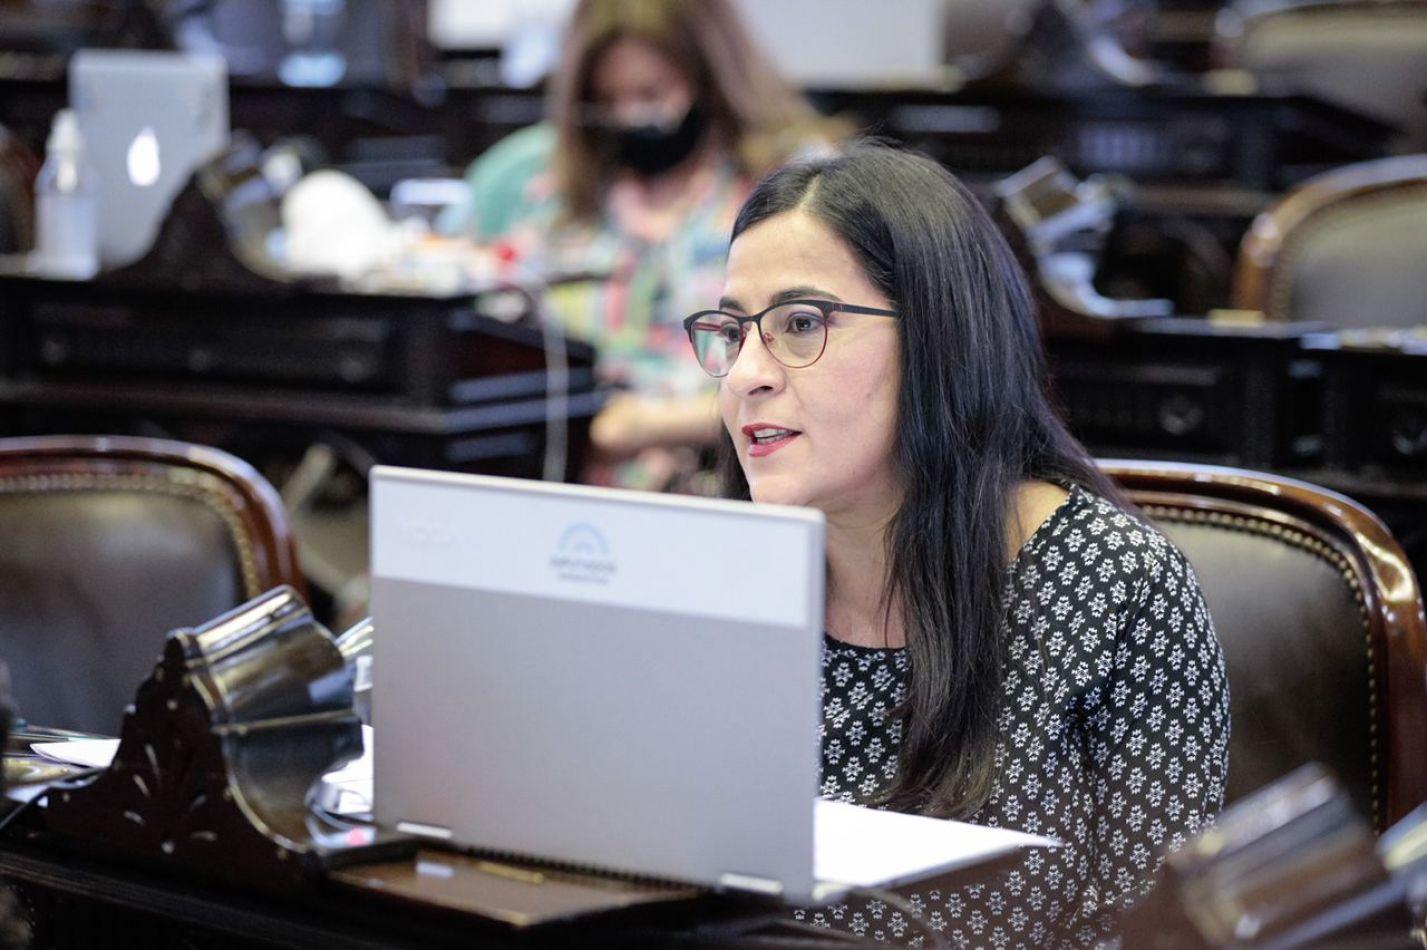 La diputada Moisés denunció la inacción oficial para buscar a mujeres desaparecidas y prevenir los femicidios en Jujuy